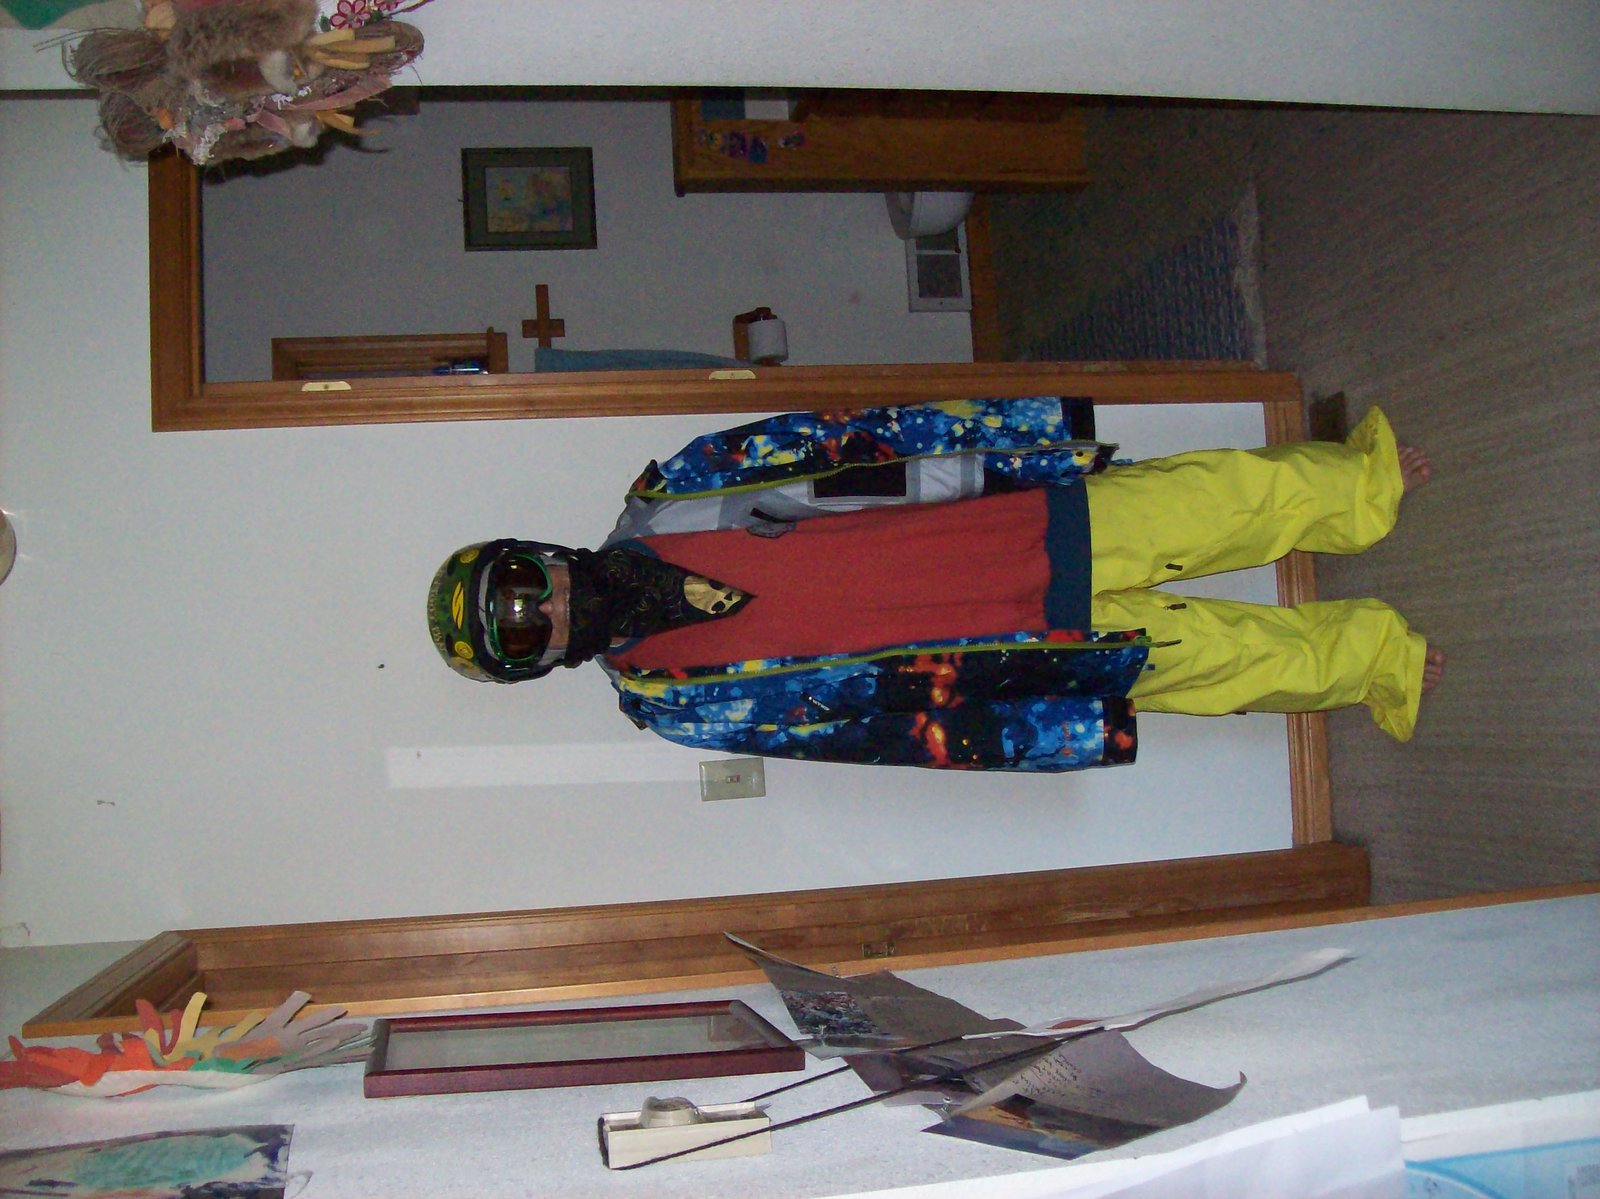 Mom in ski gear